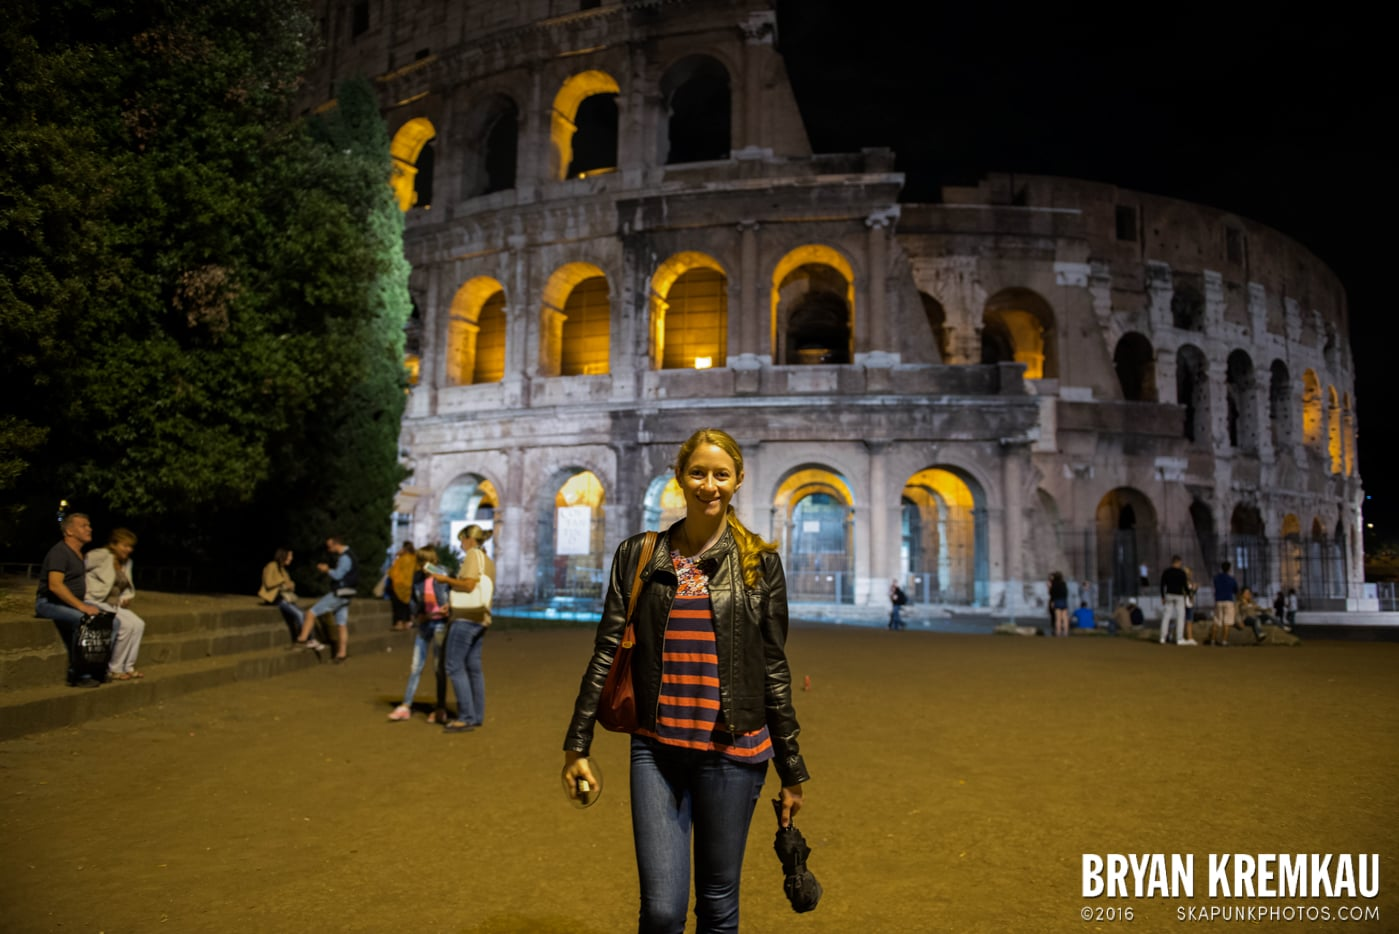 Italy Vacation - Day 2: Rome - 9.10.13 (3)